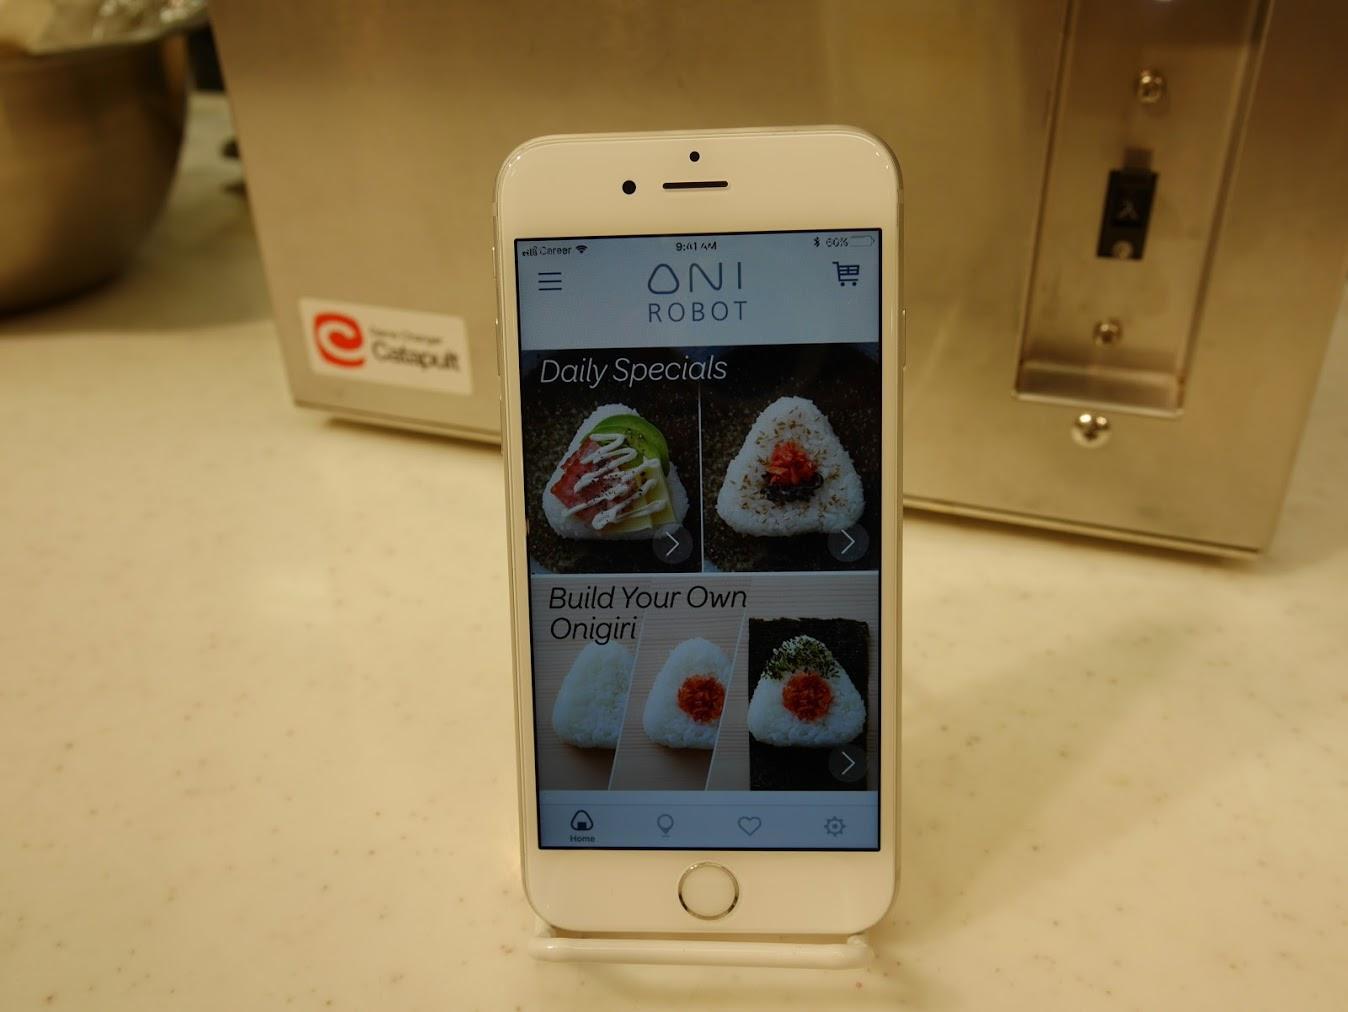 10_OniRobotのアプリ_OniRobot app.JPG